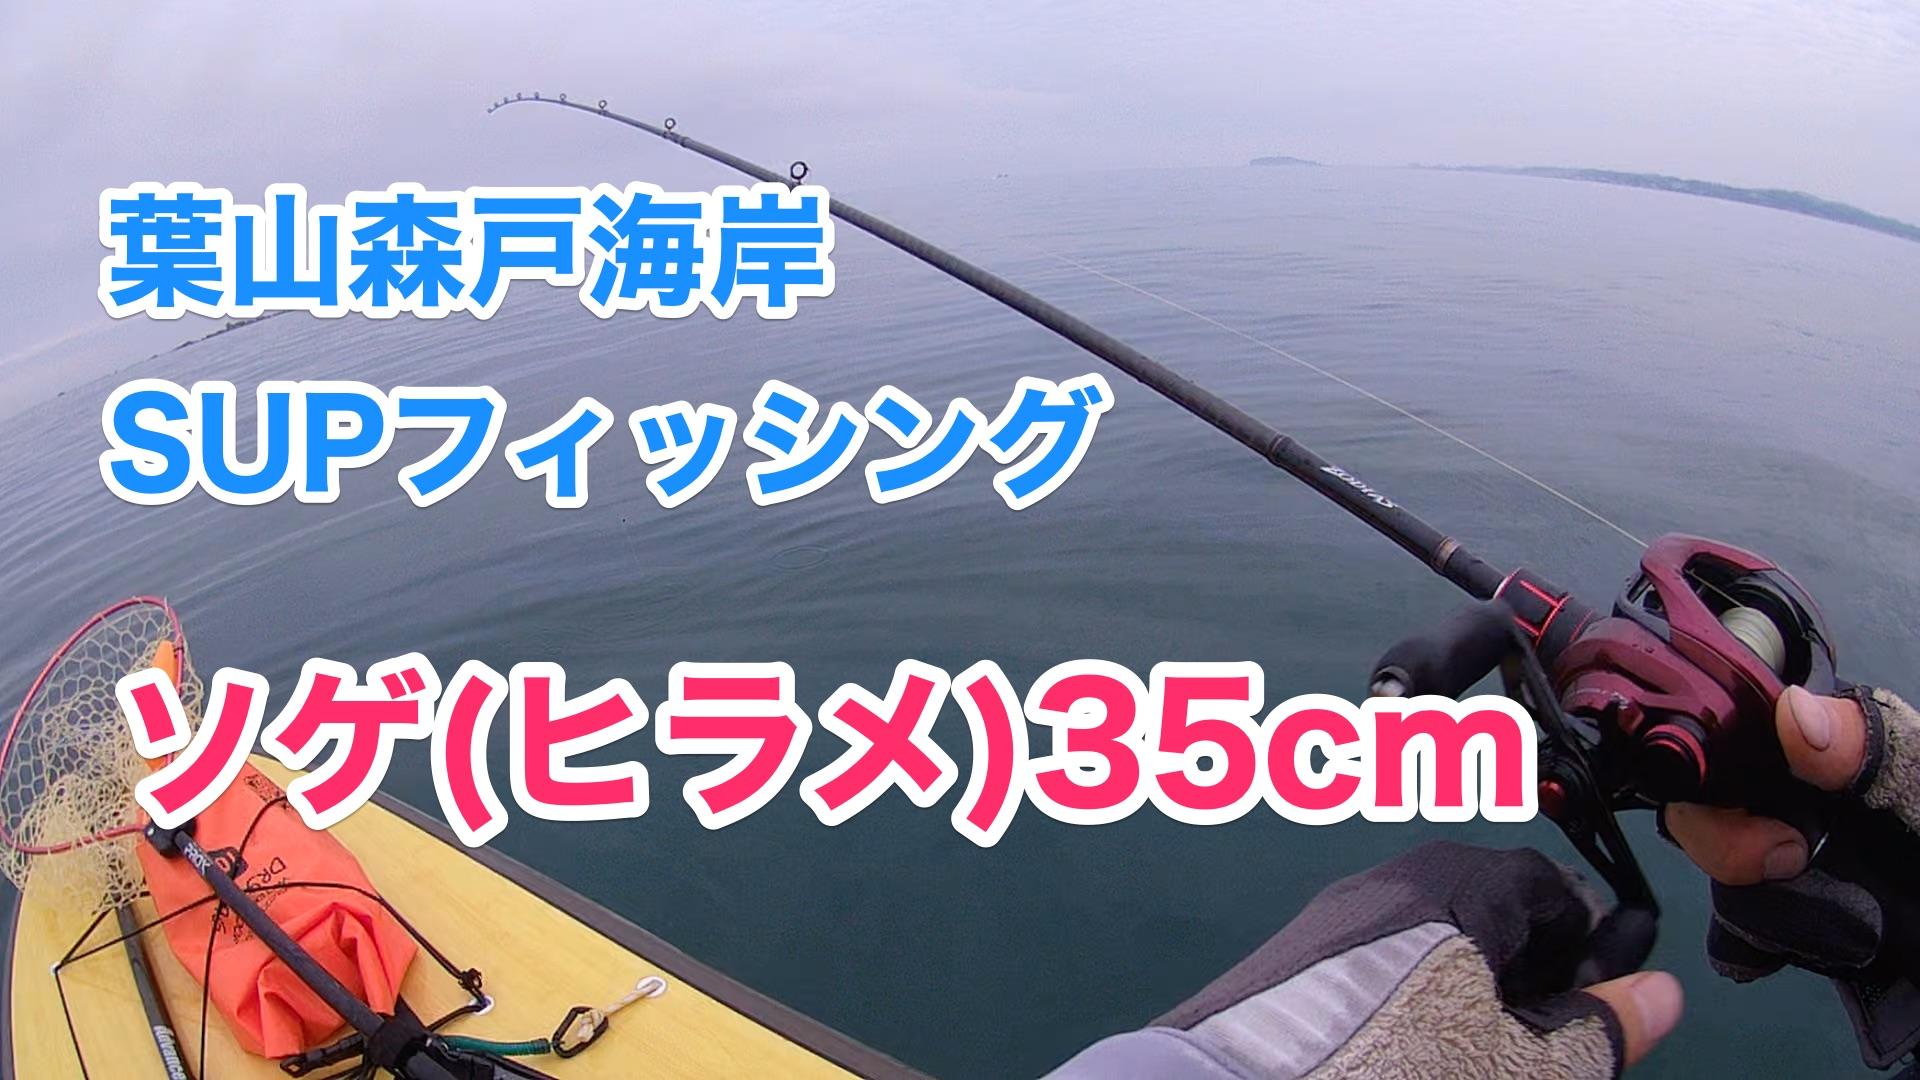 【ヒラメ(ソゲ)35cm】SUPフィッシング@葉山森戸海岸20210515